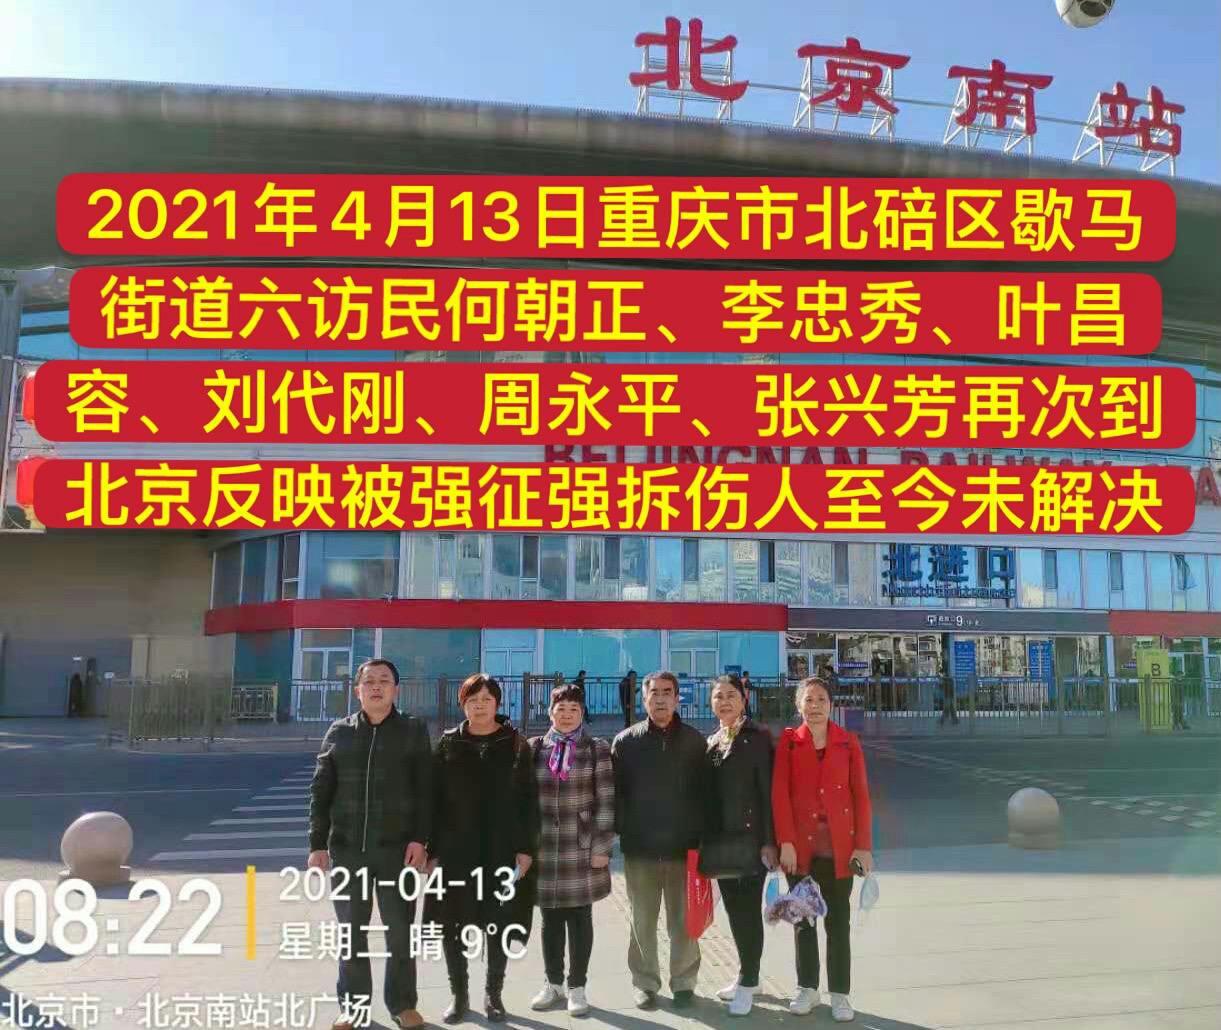 重慶訪民進京上訪,要求地方當局落實國家政策,生計有保障。(受訪者提供)